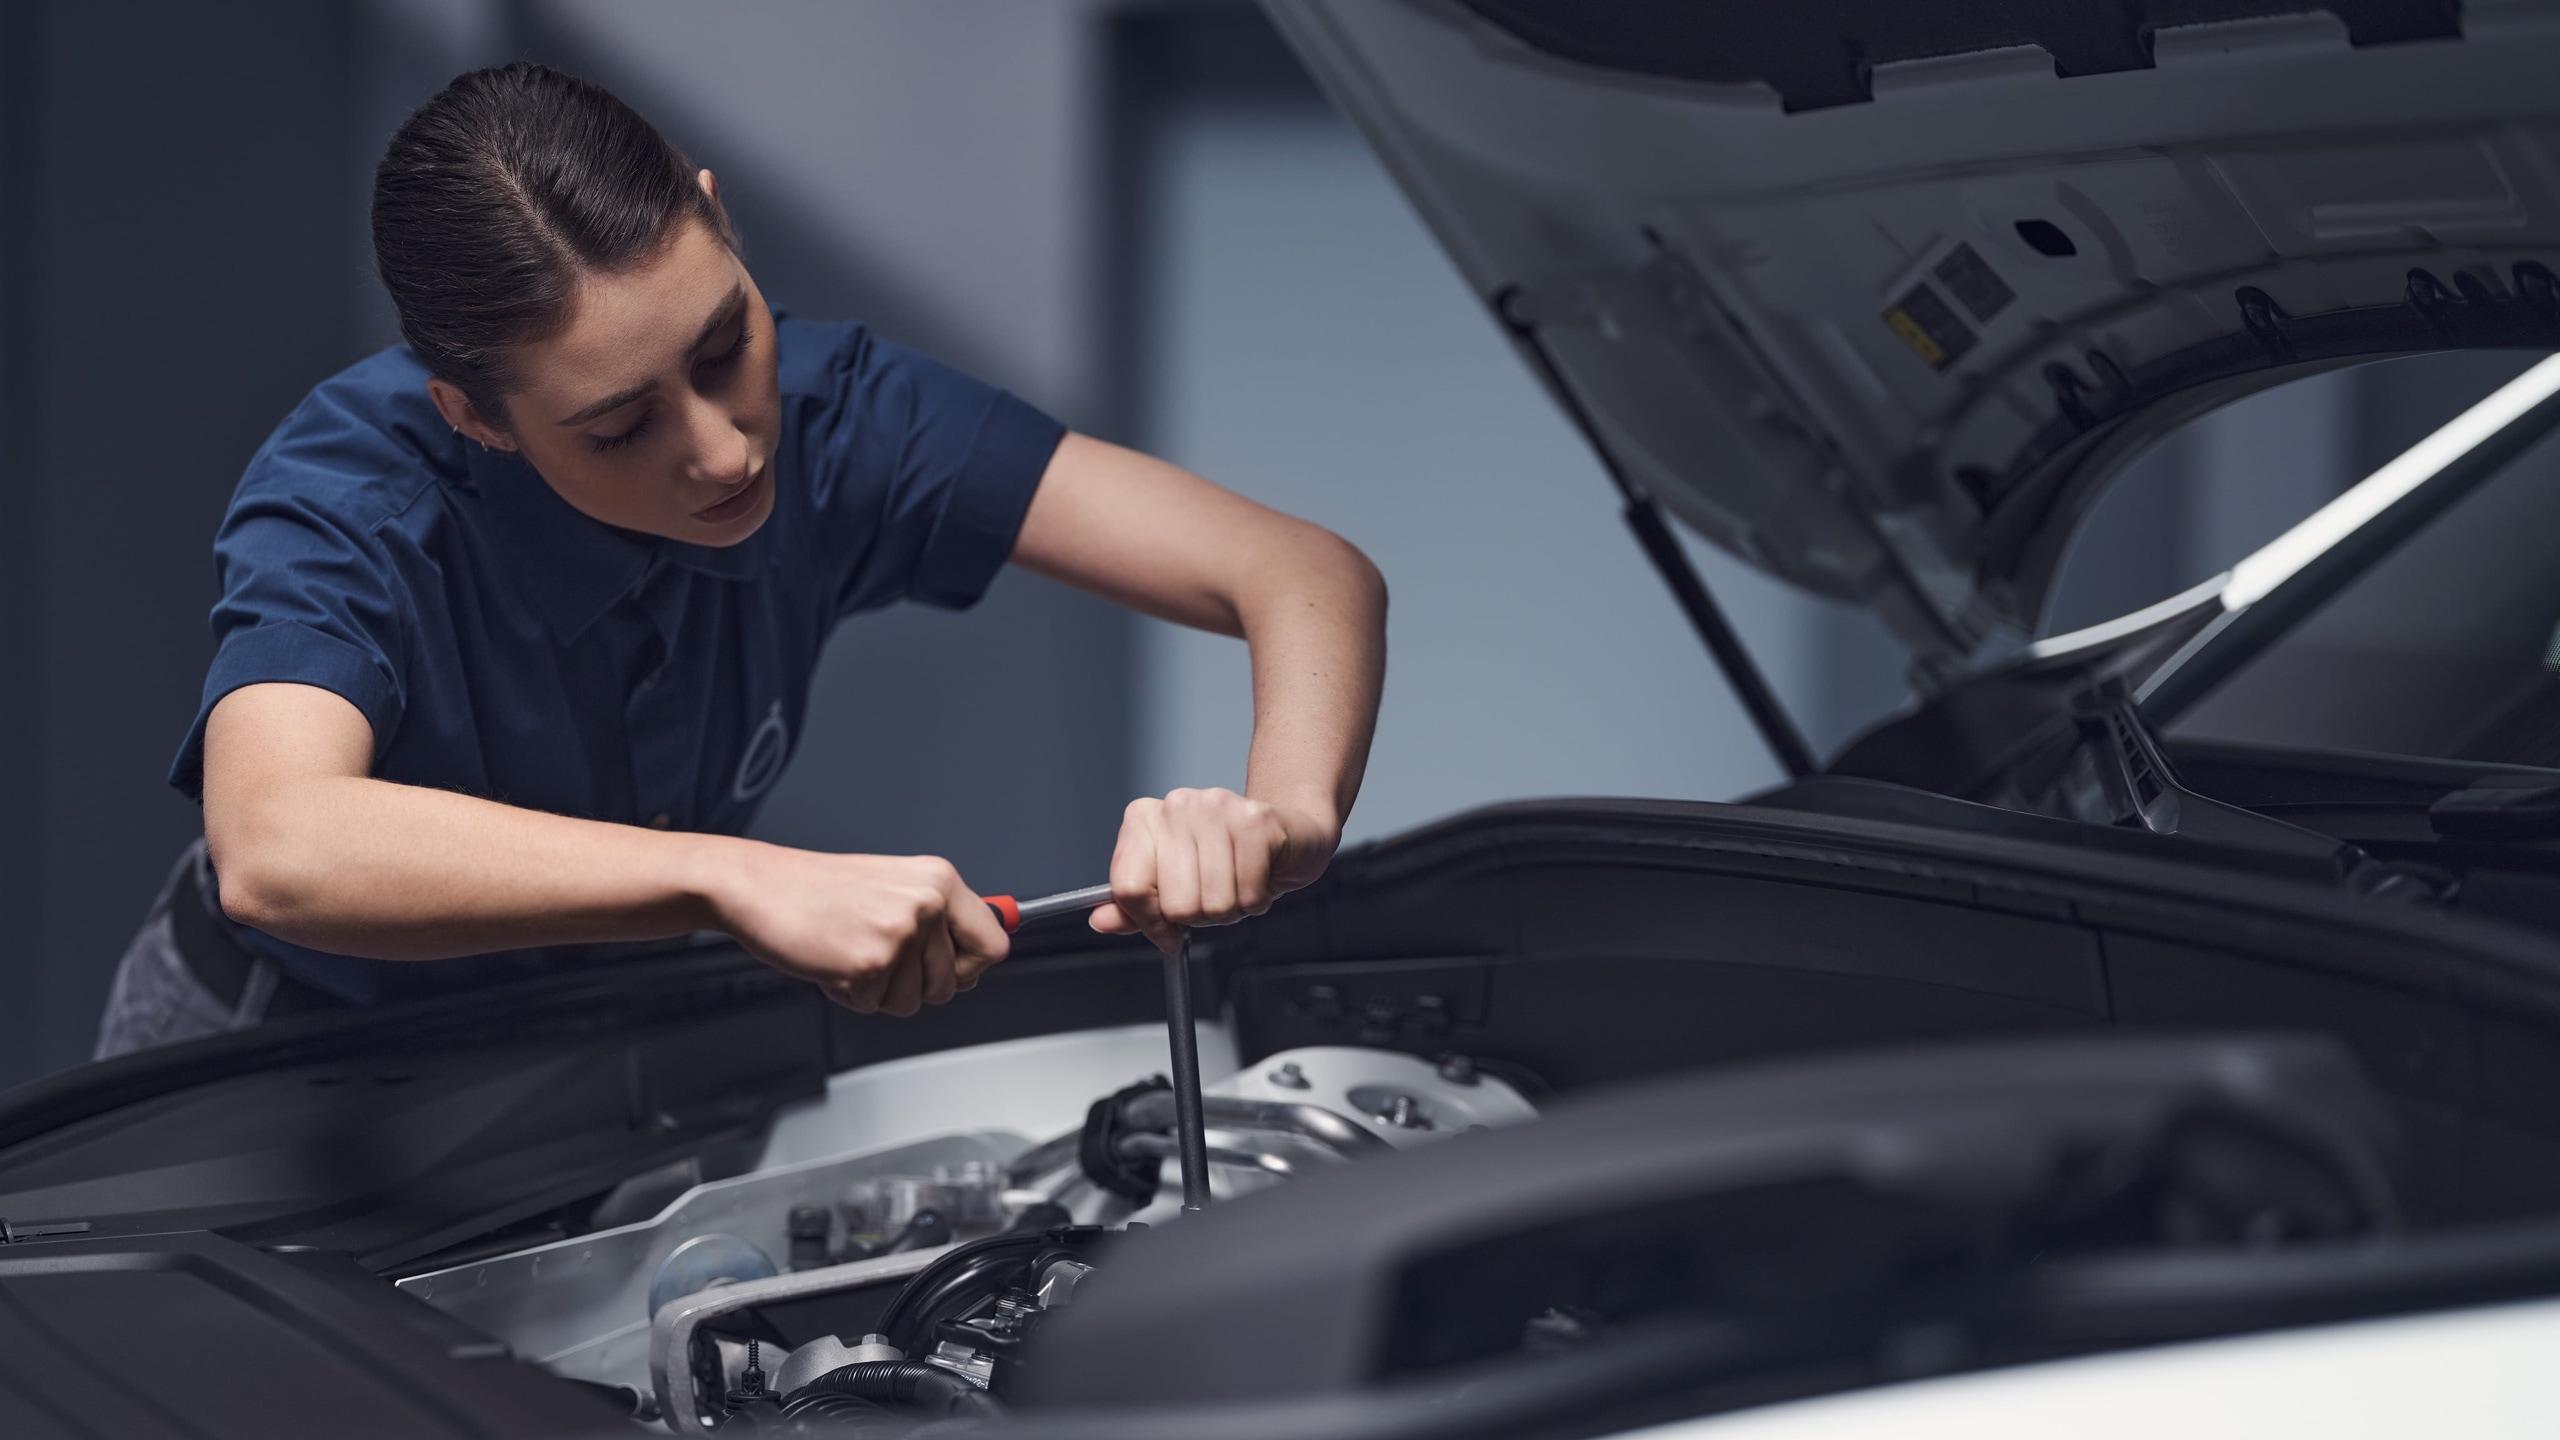 Közelkép egy női Volvo technikusról, amint egy motoron dolgozik.